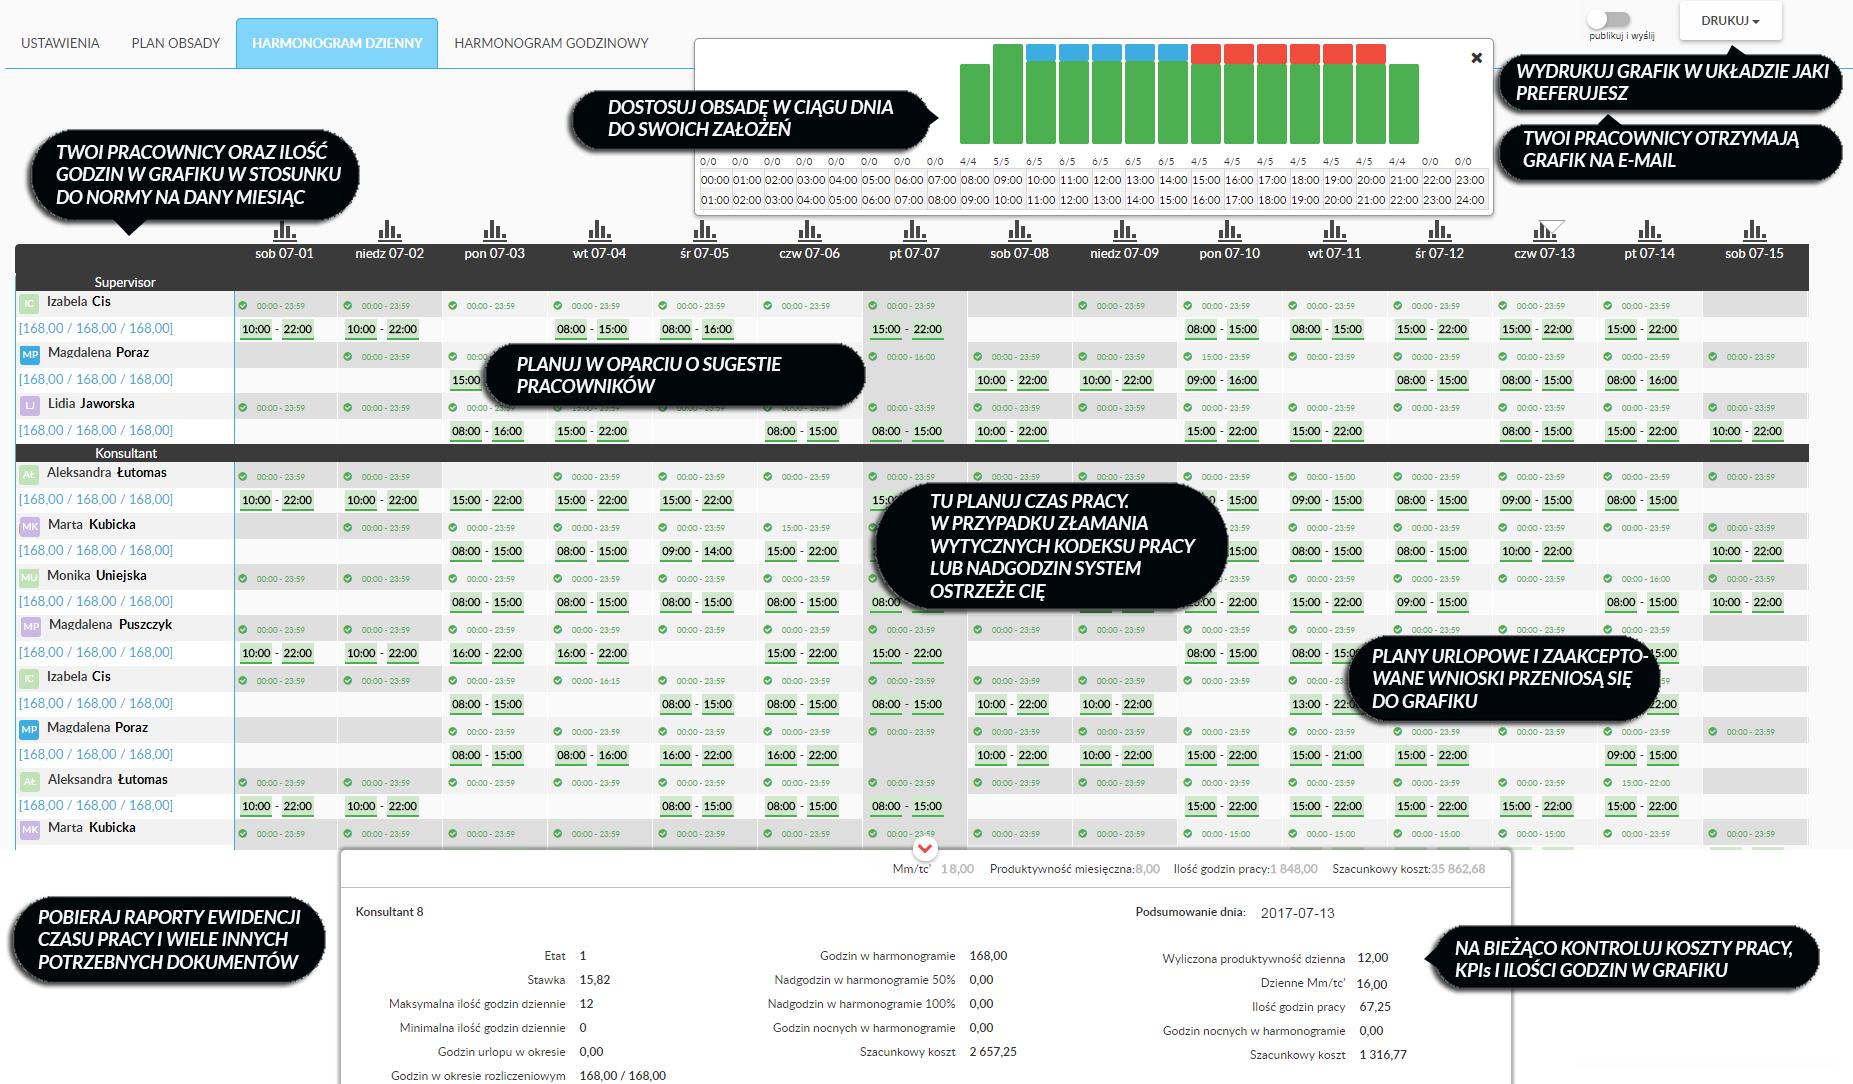 grafik pracy program czas pracy kalendarz pracy podział pracy